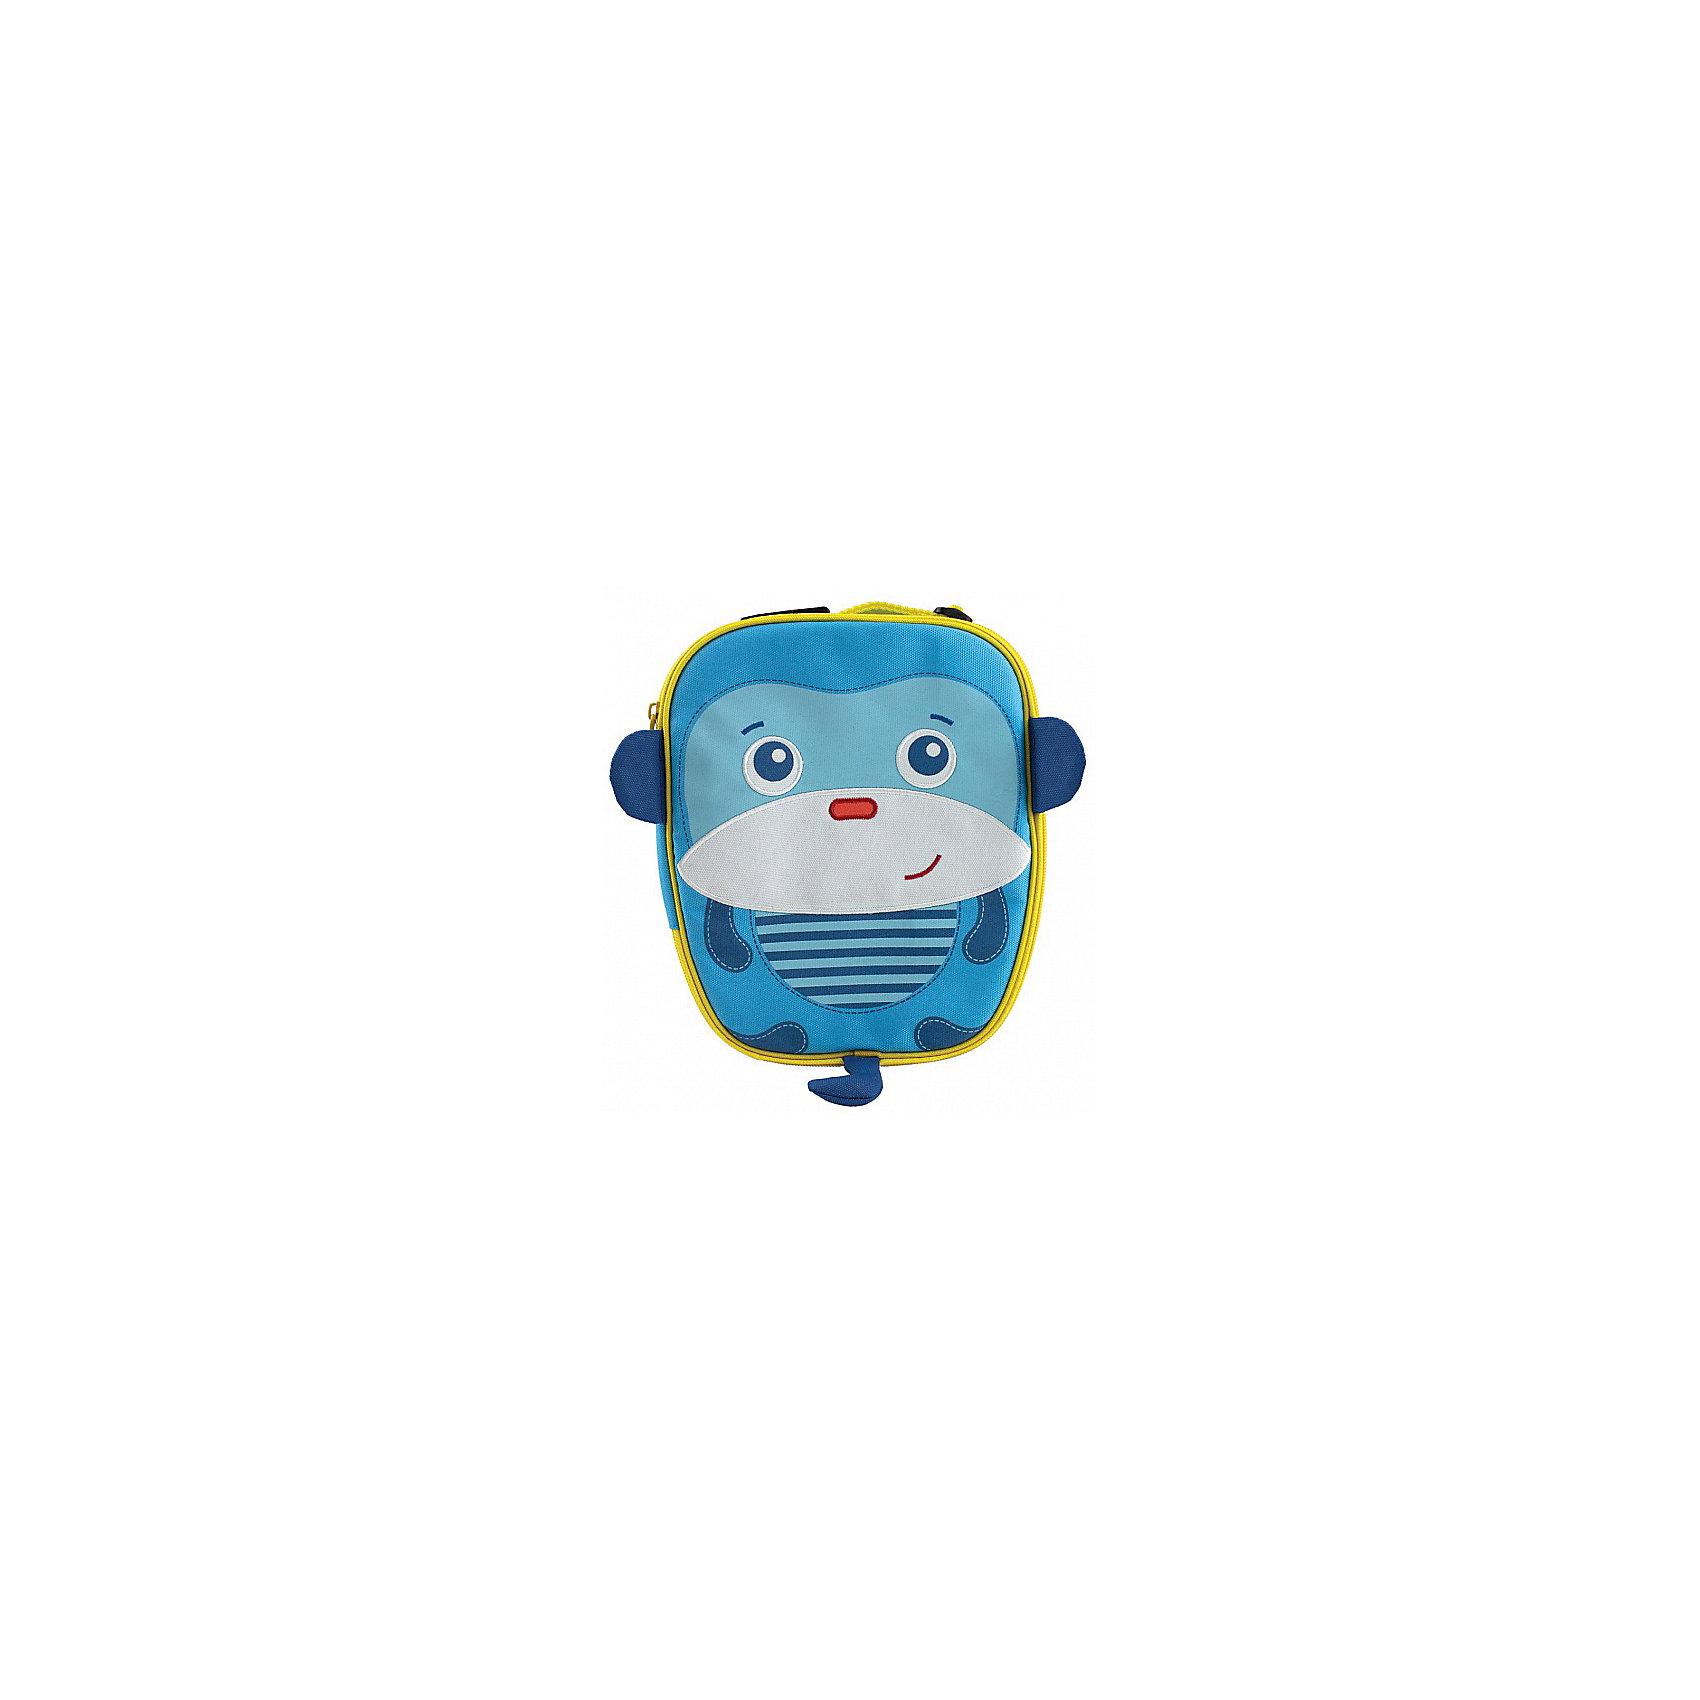 Термосумка голубая, MunchkinТермосумка голубая, Munchkin (Манчкин) – это удобный и практичный аксессуар для вашего малыша.<br>Оригинальный ланч-бокс на молнии позволит сохранить детский перекус в нужной температуре - летом у малыша всегда будет под рукой прохладный напиток и баночка пюре, а в холодное время года в такой сумочке удобно брать с собой горячий обед. Термосумка вмещает полноценный детский обед с напитком. Изолированная термоподкладка надолго сохранит температуру еды. Подкладка легко чистится, Сумочка имеет отдельный сетчатый карман для столовых приборов, салфеток и прочих мелочей. Предусмотрена удобная ручка для переноски - благодаря пряжке на ручке, ланч-бокс можно подвесить на коляску или прикрепить к взрослой сумке, если вы собираетесь в поездку.<br><br>Дополнительная информация:<br><br>- Размер упаковки: 30 х 25 х 12 см.<br>- Вес: 350 г.<br><br>Термосумку голубую, Munchkin (Манчкин) можно купить в нашем интернет-магазине.<br><br>Ширина мм: 300<br>Глубина мм: 250<br>Высота мм: 120<br>Вес г: 350<br>Возраст от месяцев: 12<br>Возраст до месяцев: 36<br>Пол: Унисекс<br>Возраст: Детский<br>SKU: 4142397